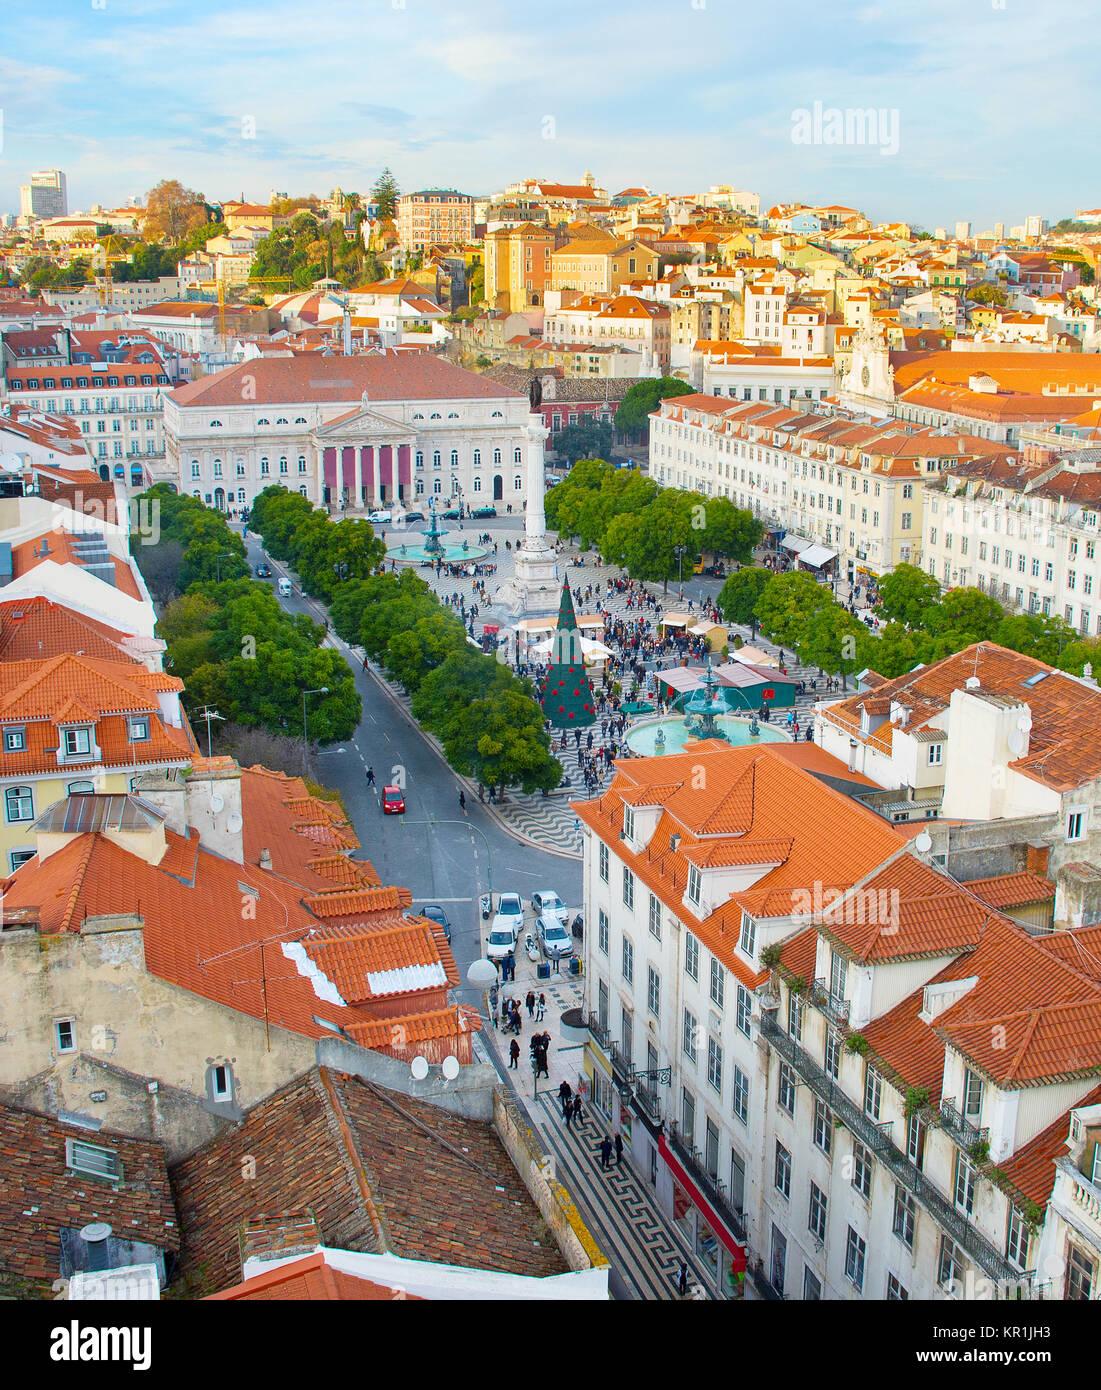 Aeriak vista de la plaza de Rossio y el casco antiguo de la ciudad de Lisboa, Portugal. Foto de stock